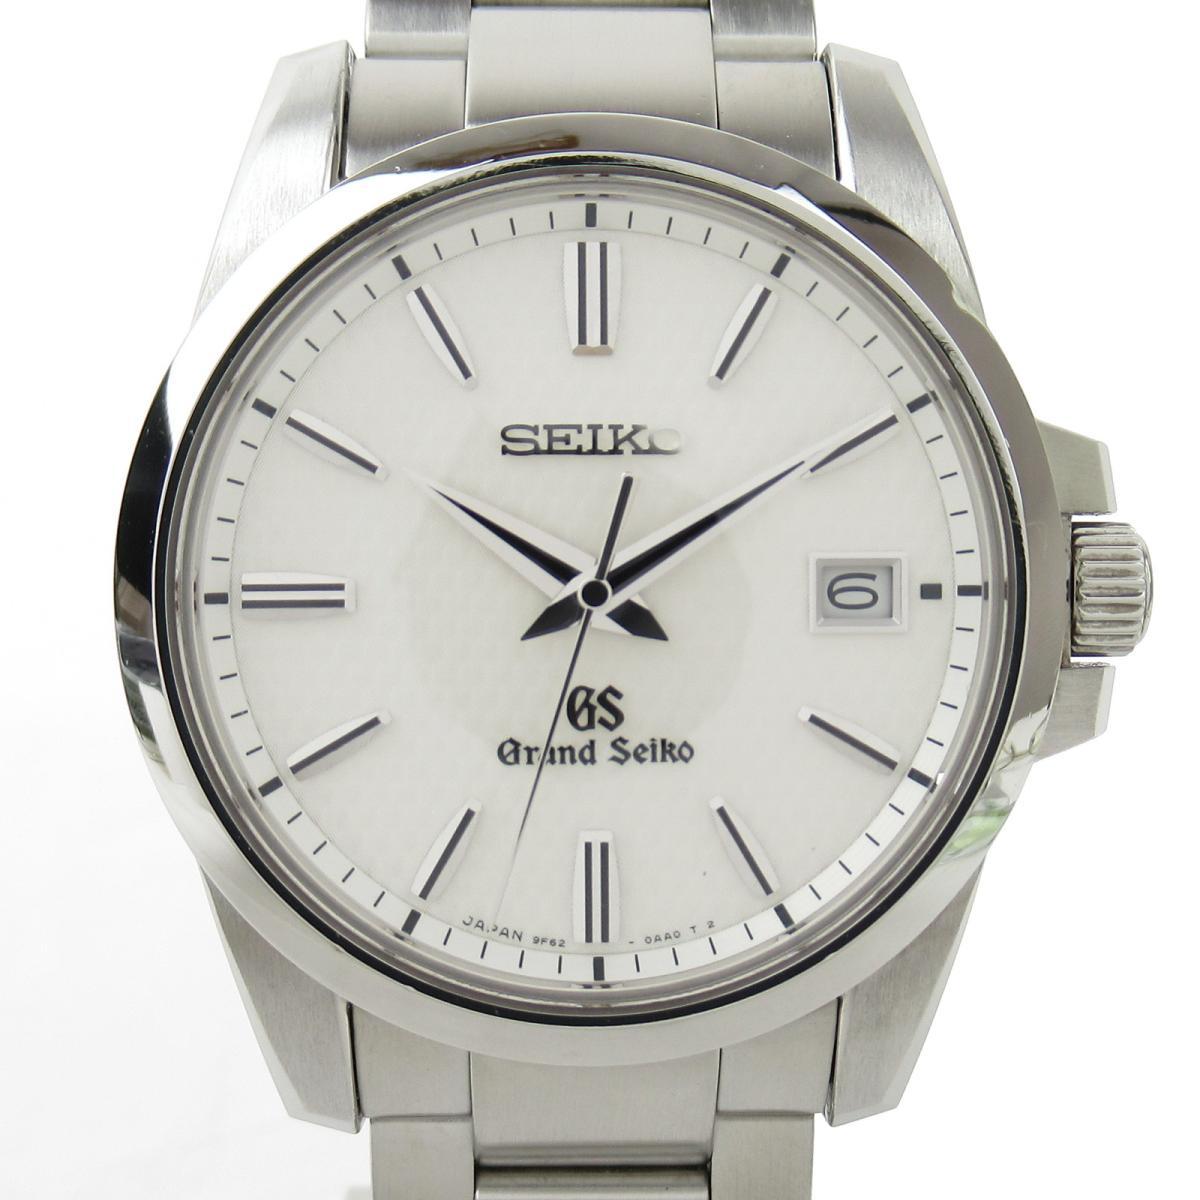 ≪期間限定≫メルマガ登録でクーポンGET! 【中古】 セイコー グランドセイコー ウォッチ 腕時計 メンズ ステンレススチール (SS) (SBG 053) | SEIKO BRANDOFF ブランドオフ ブランド ブランド時計 ブランド腕時計 時計